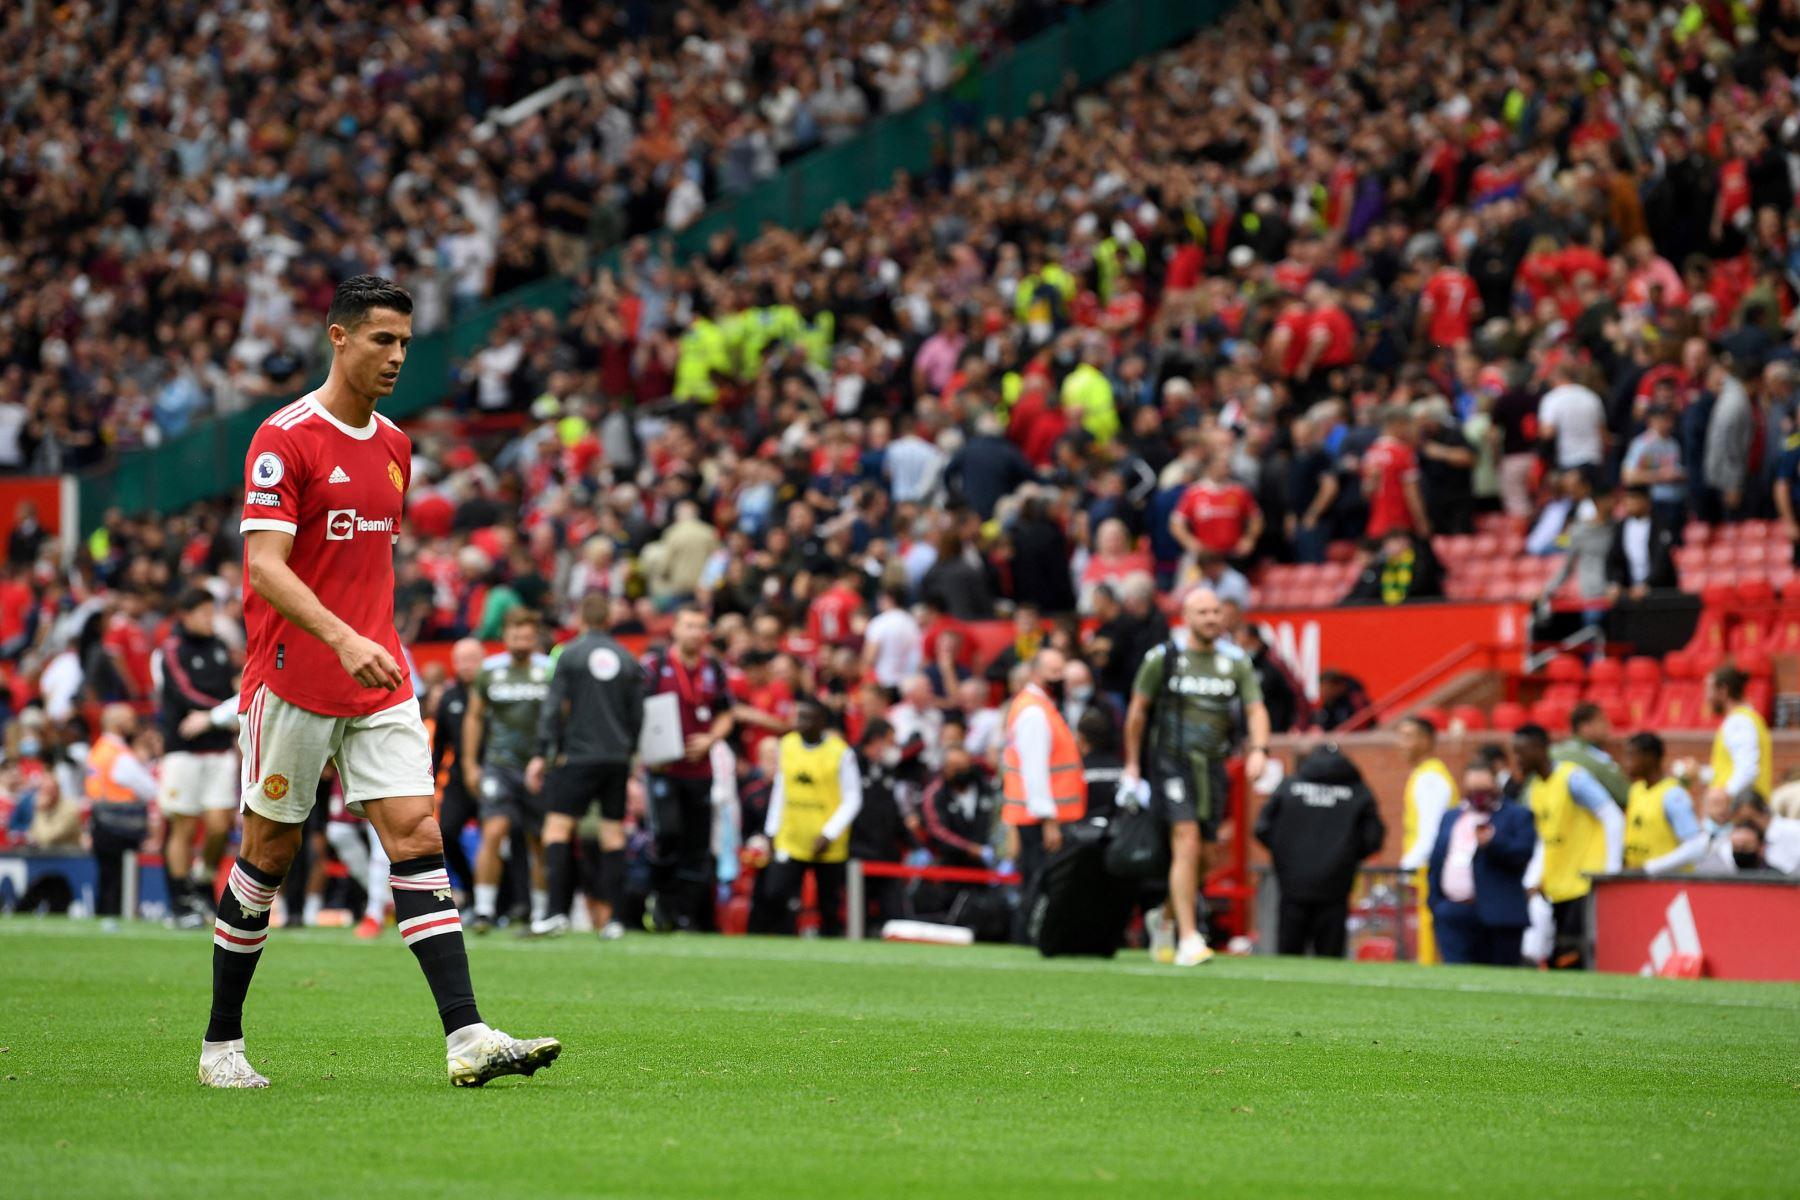 El delantero portugués del Manchester United, Cristiano Ronaldo, sale de la cancha después del pitazo final durante el partido de fútbol de la Premier League inglesa entre el Manchester United y el Aston Villa. Foto: AFP